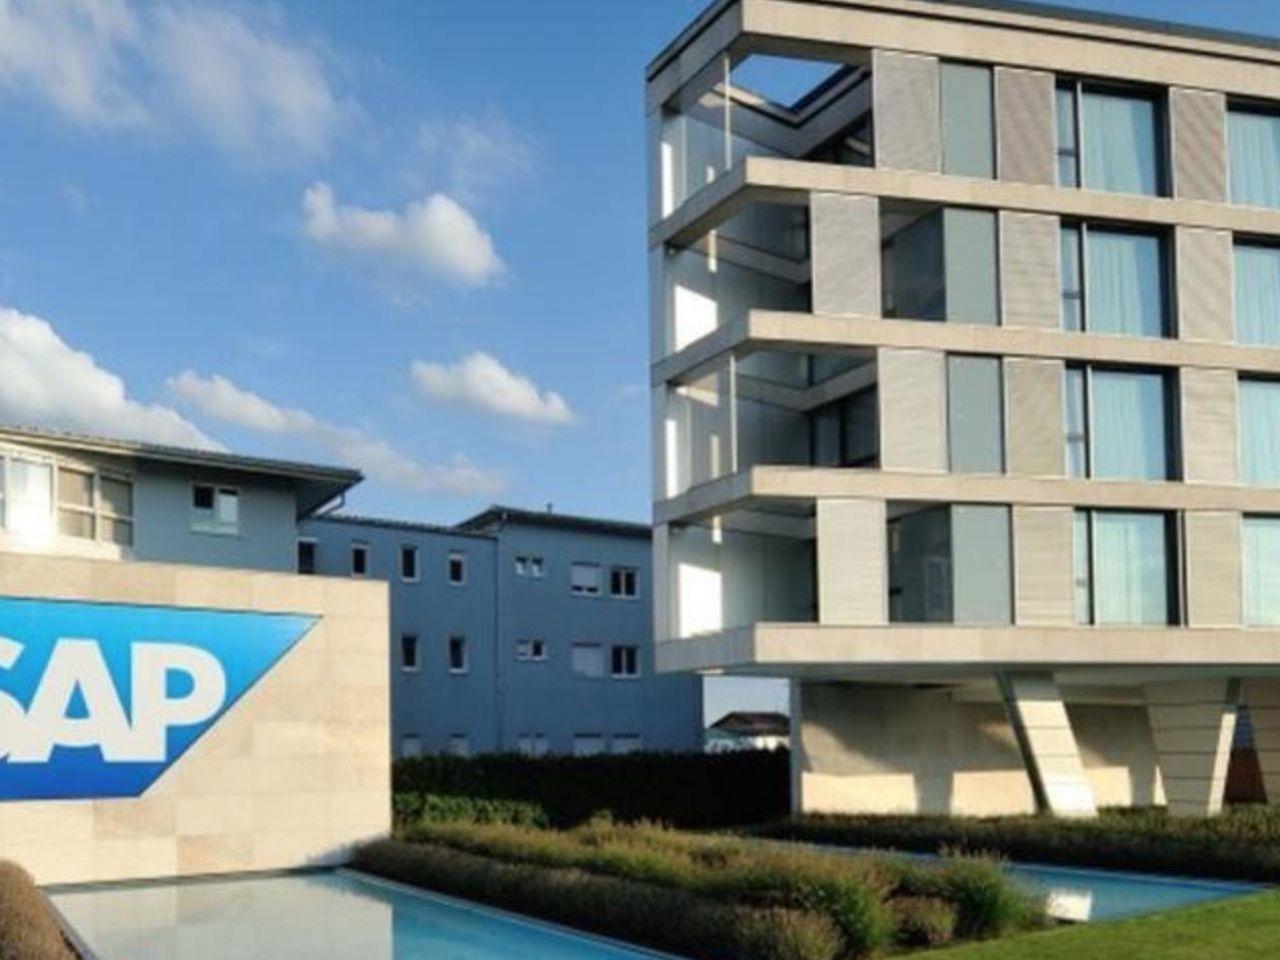 SAP好決算、クラウド移行でマイクロソフトとの提携も発表